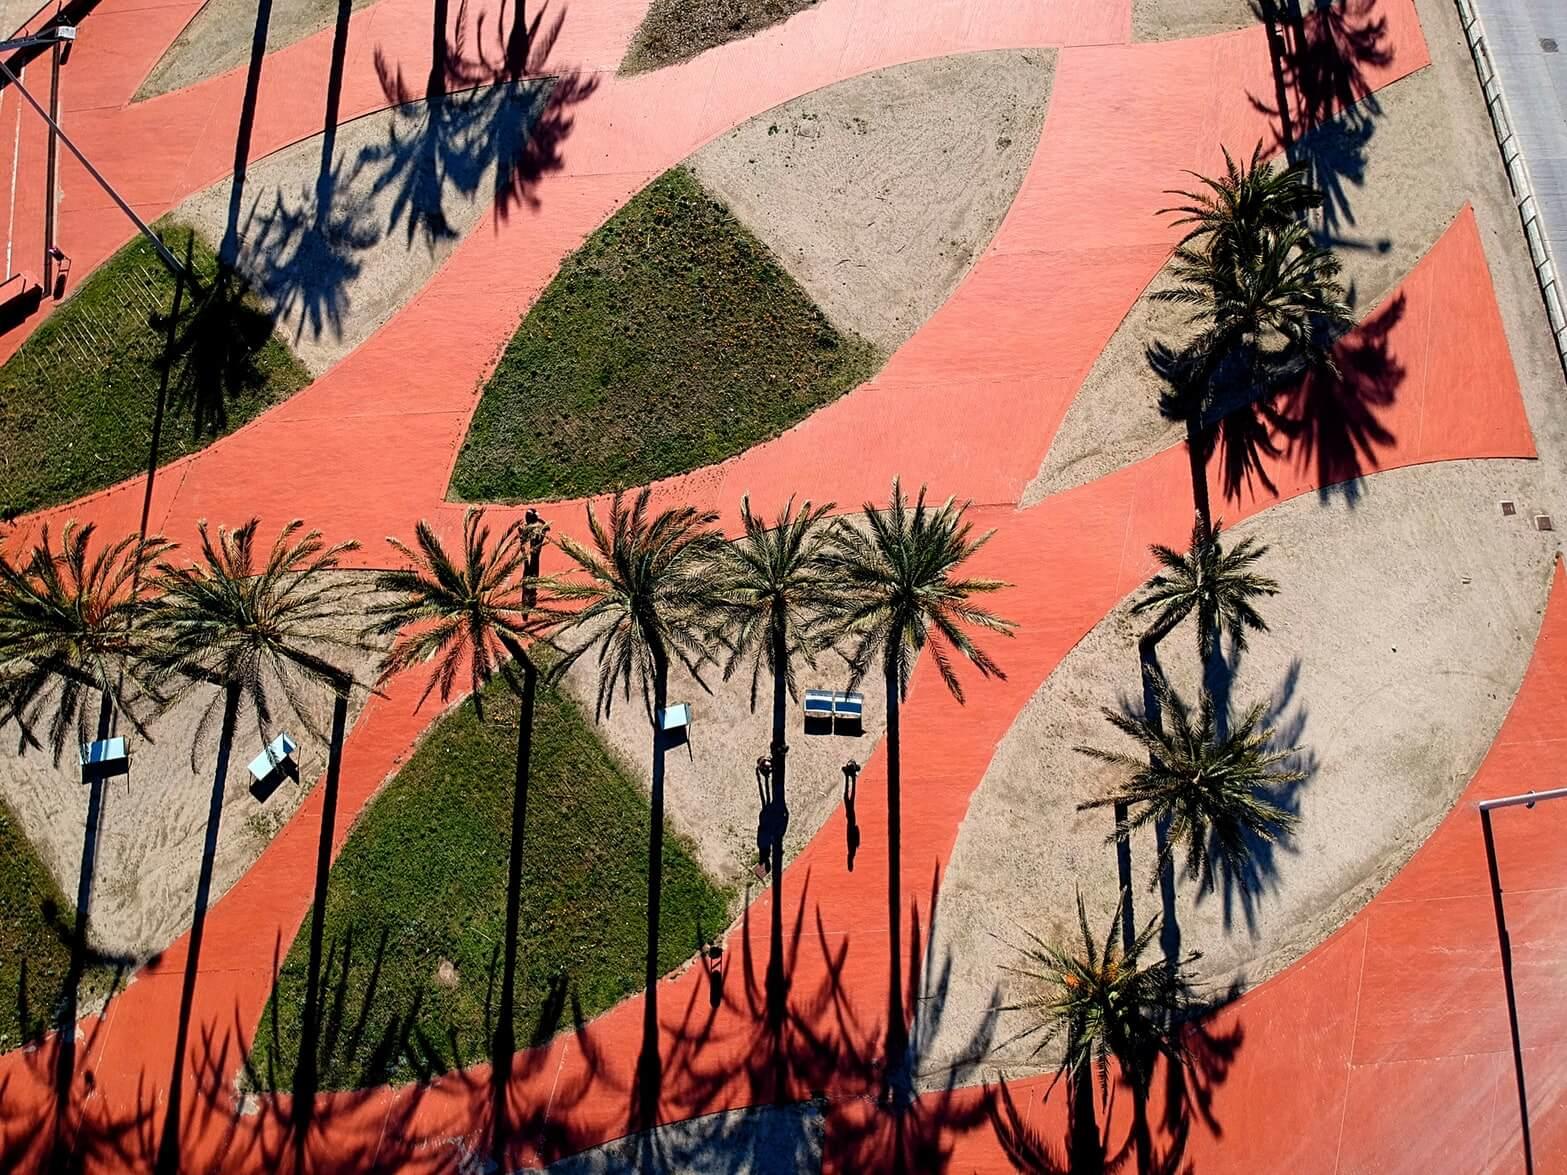 Праздный отпуск в Барселоне: неприличный бюджет на 5 дней